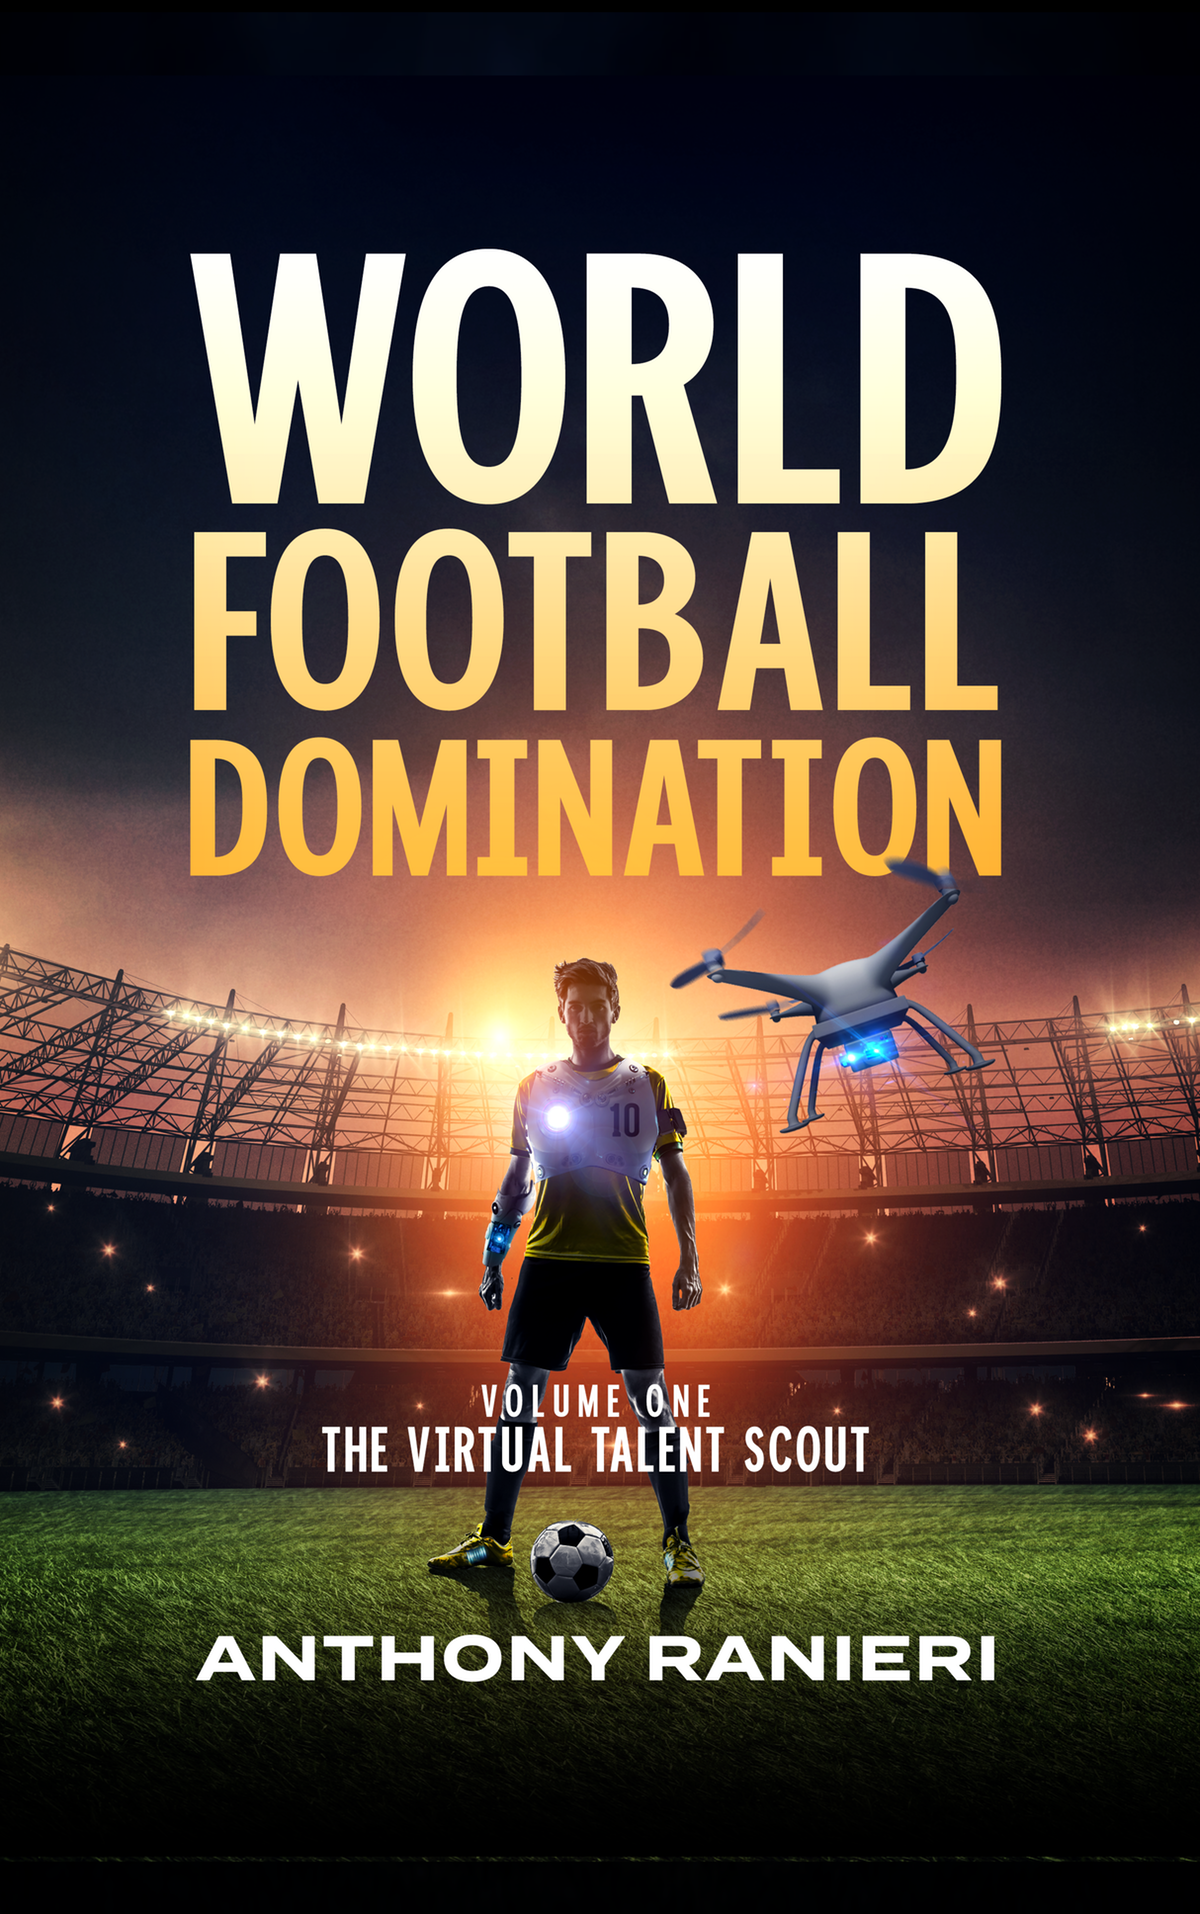 World Football Domination Volume 1